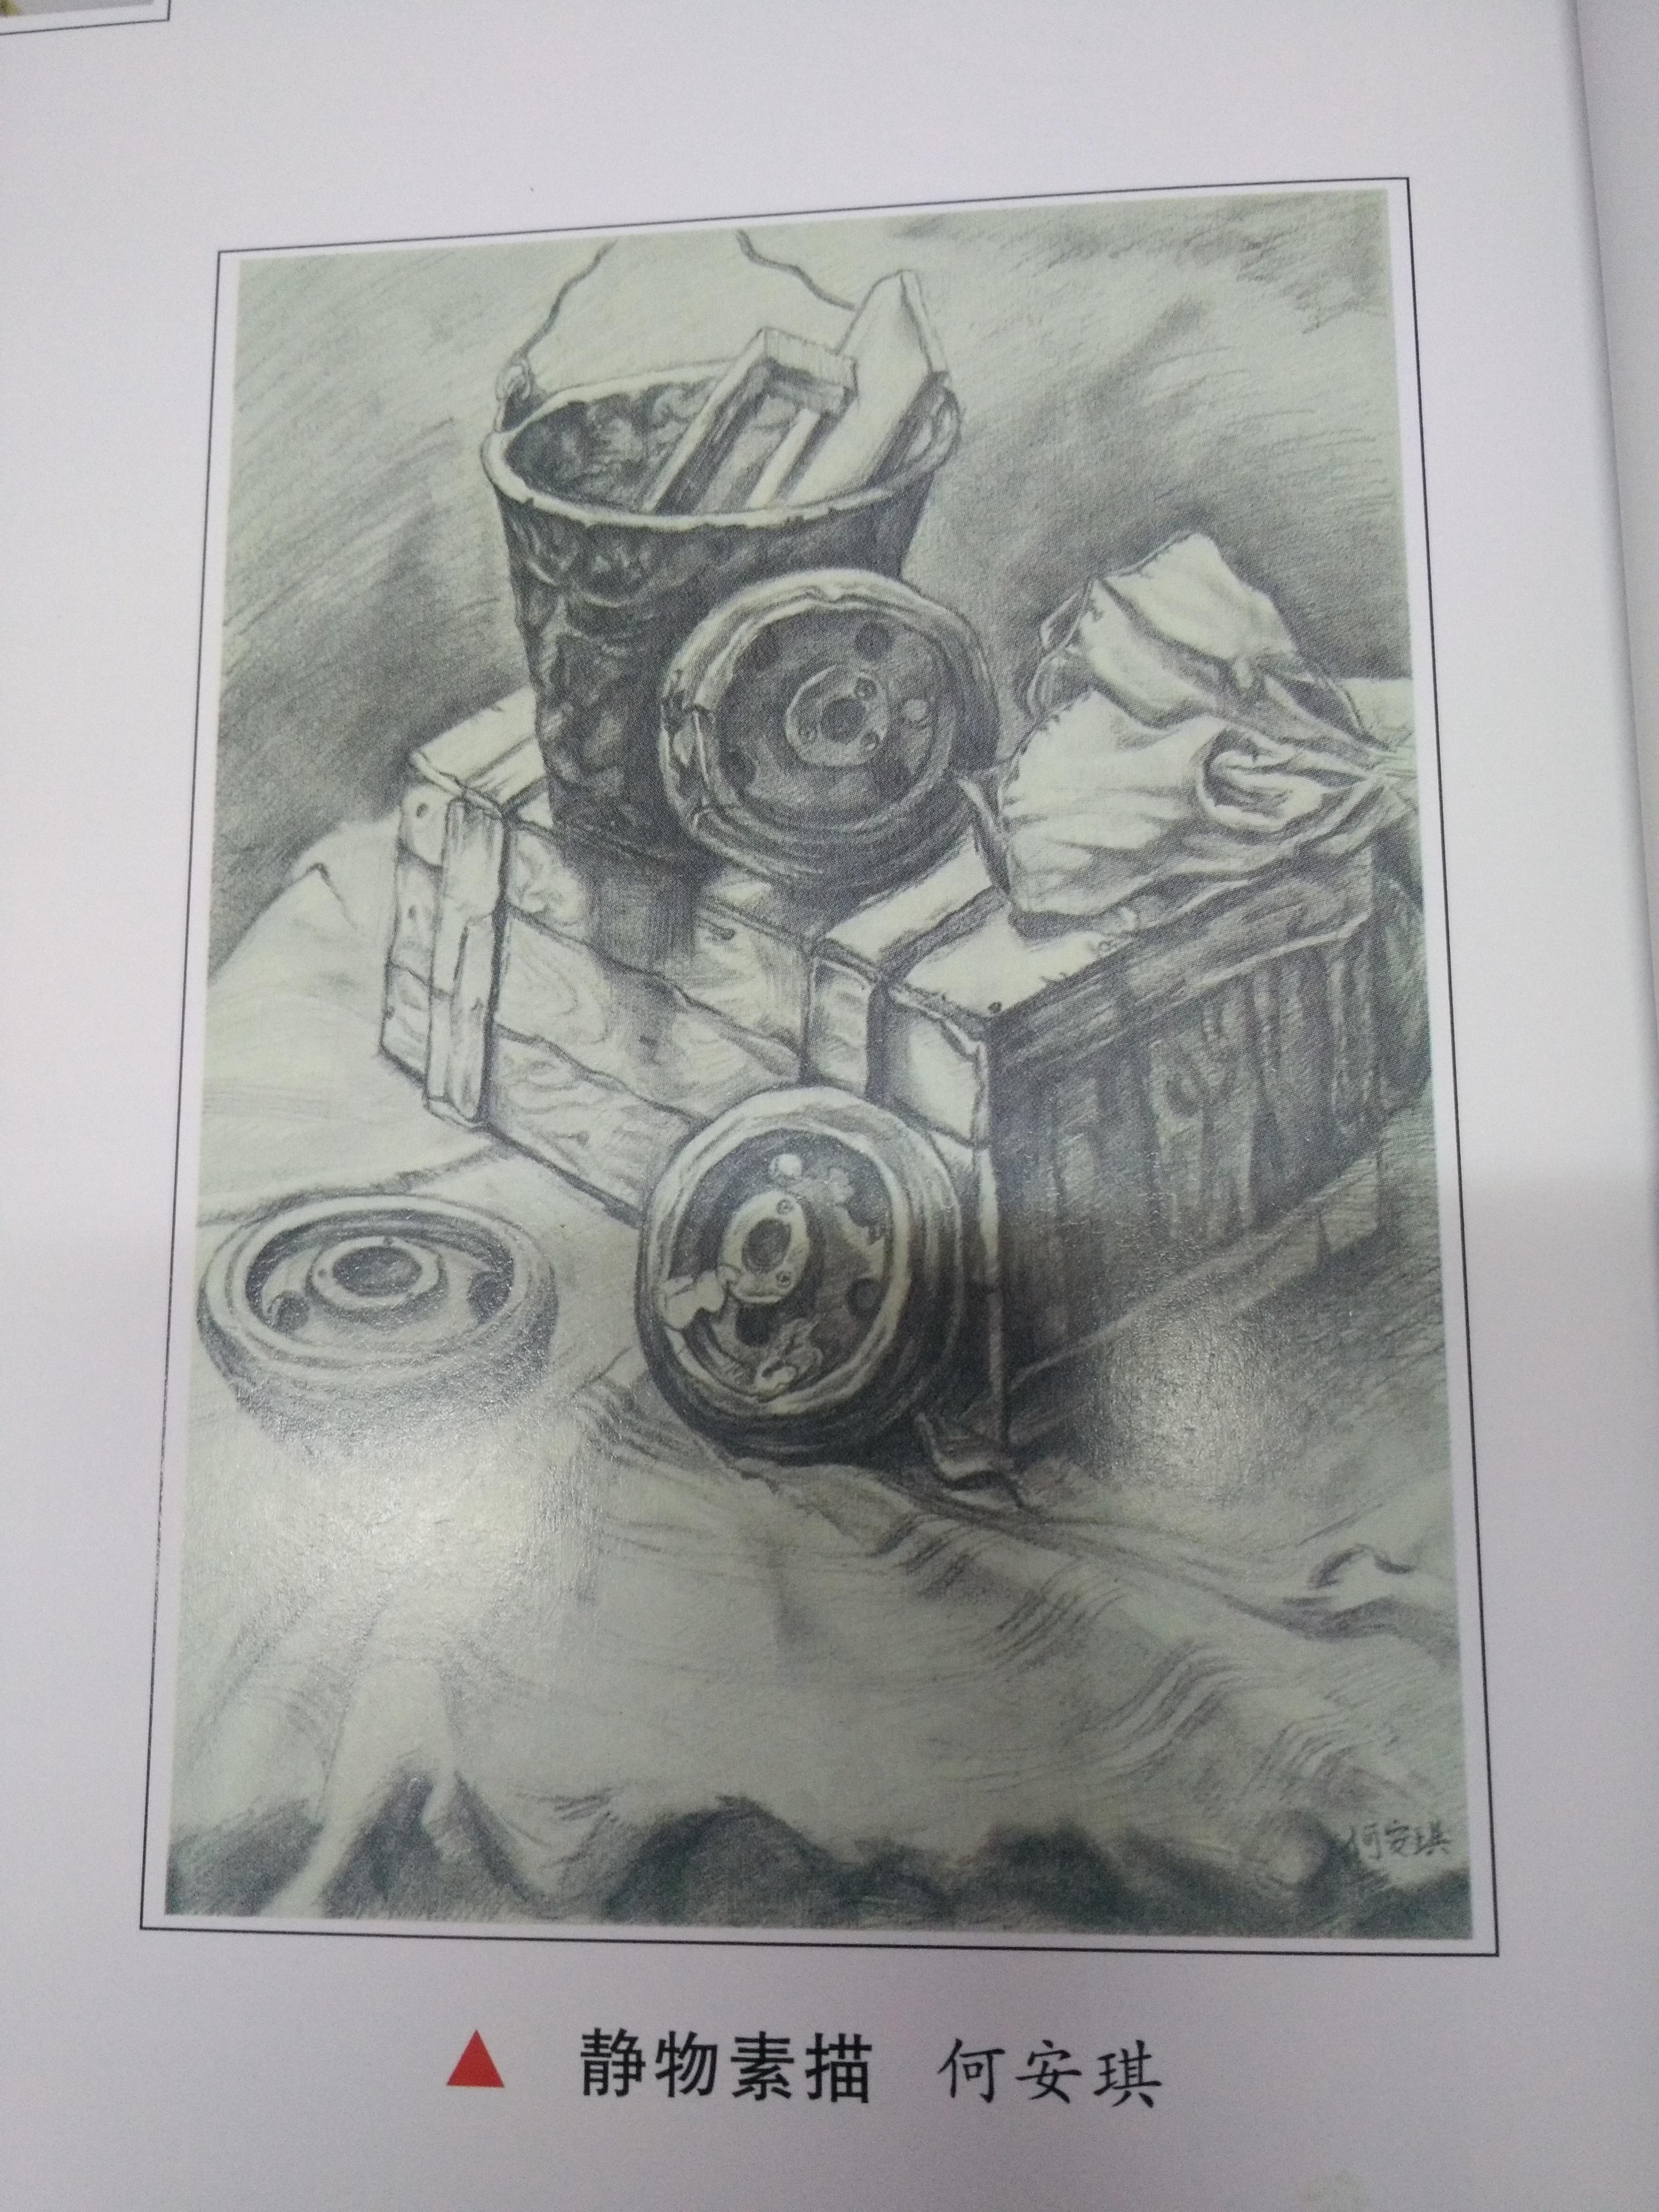 我校学生何安琪绘画作品被收入美丽常德 幸福家园书画作品专辑 百年